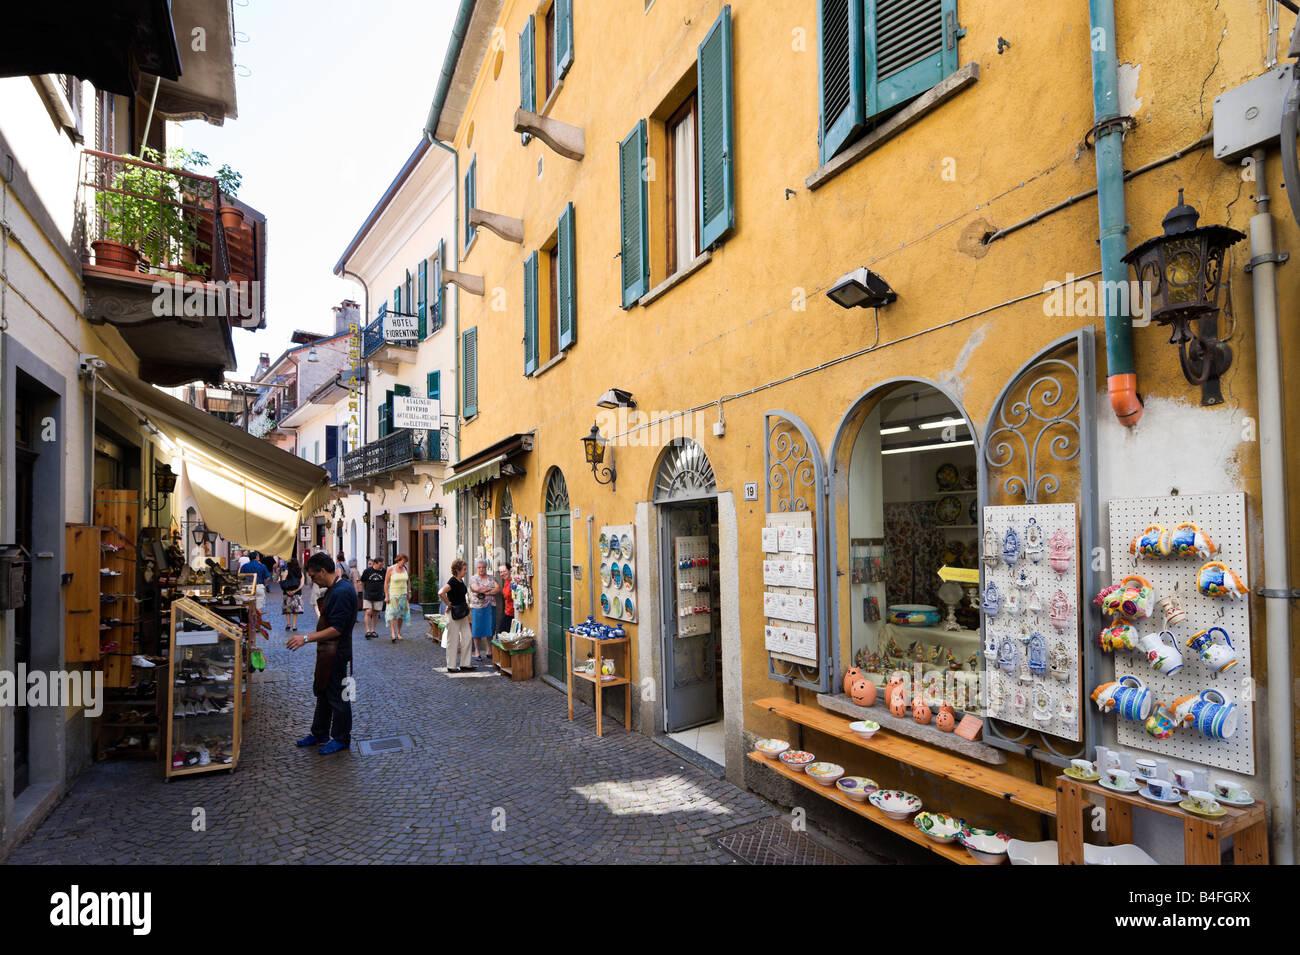 Italy souvenirs immagini italy souvenirs fotos stock for Negozi arredamento piemonte